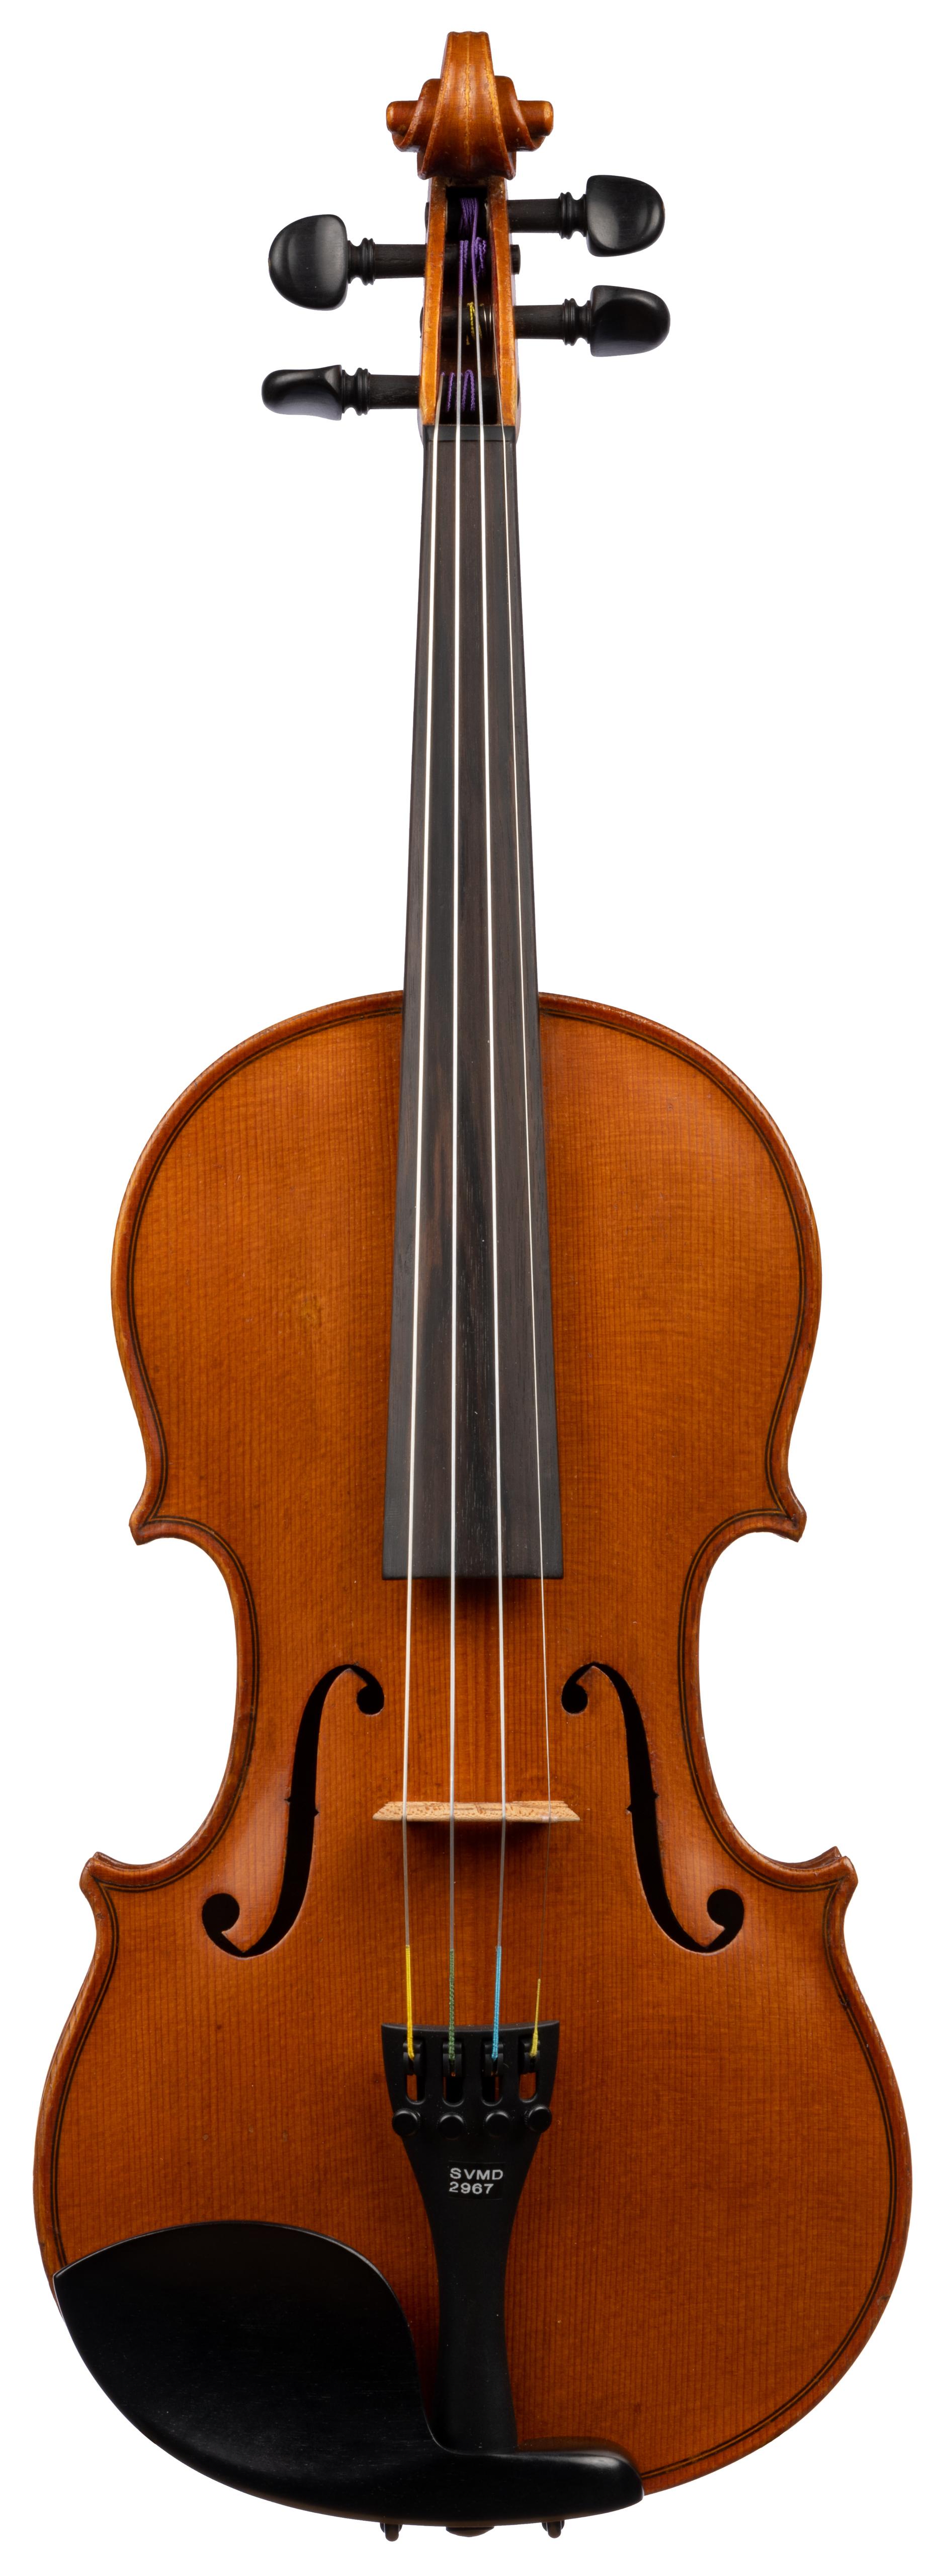 Czech vn labeled Antonius Stradivarius 2967 front.jpg